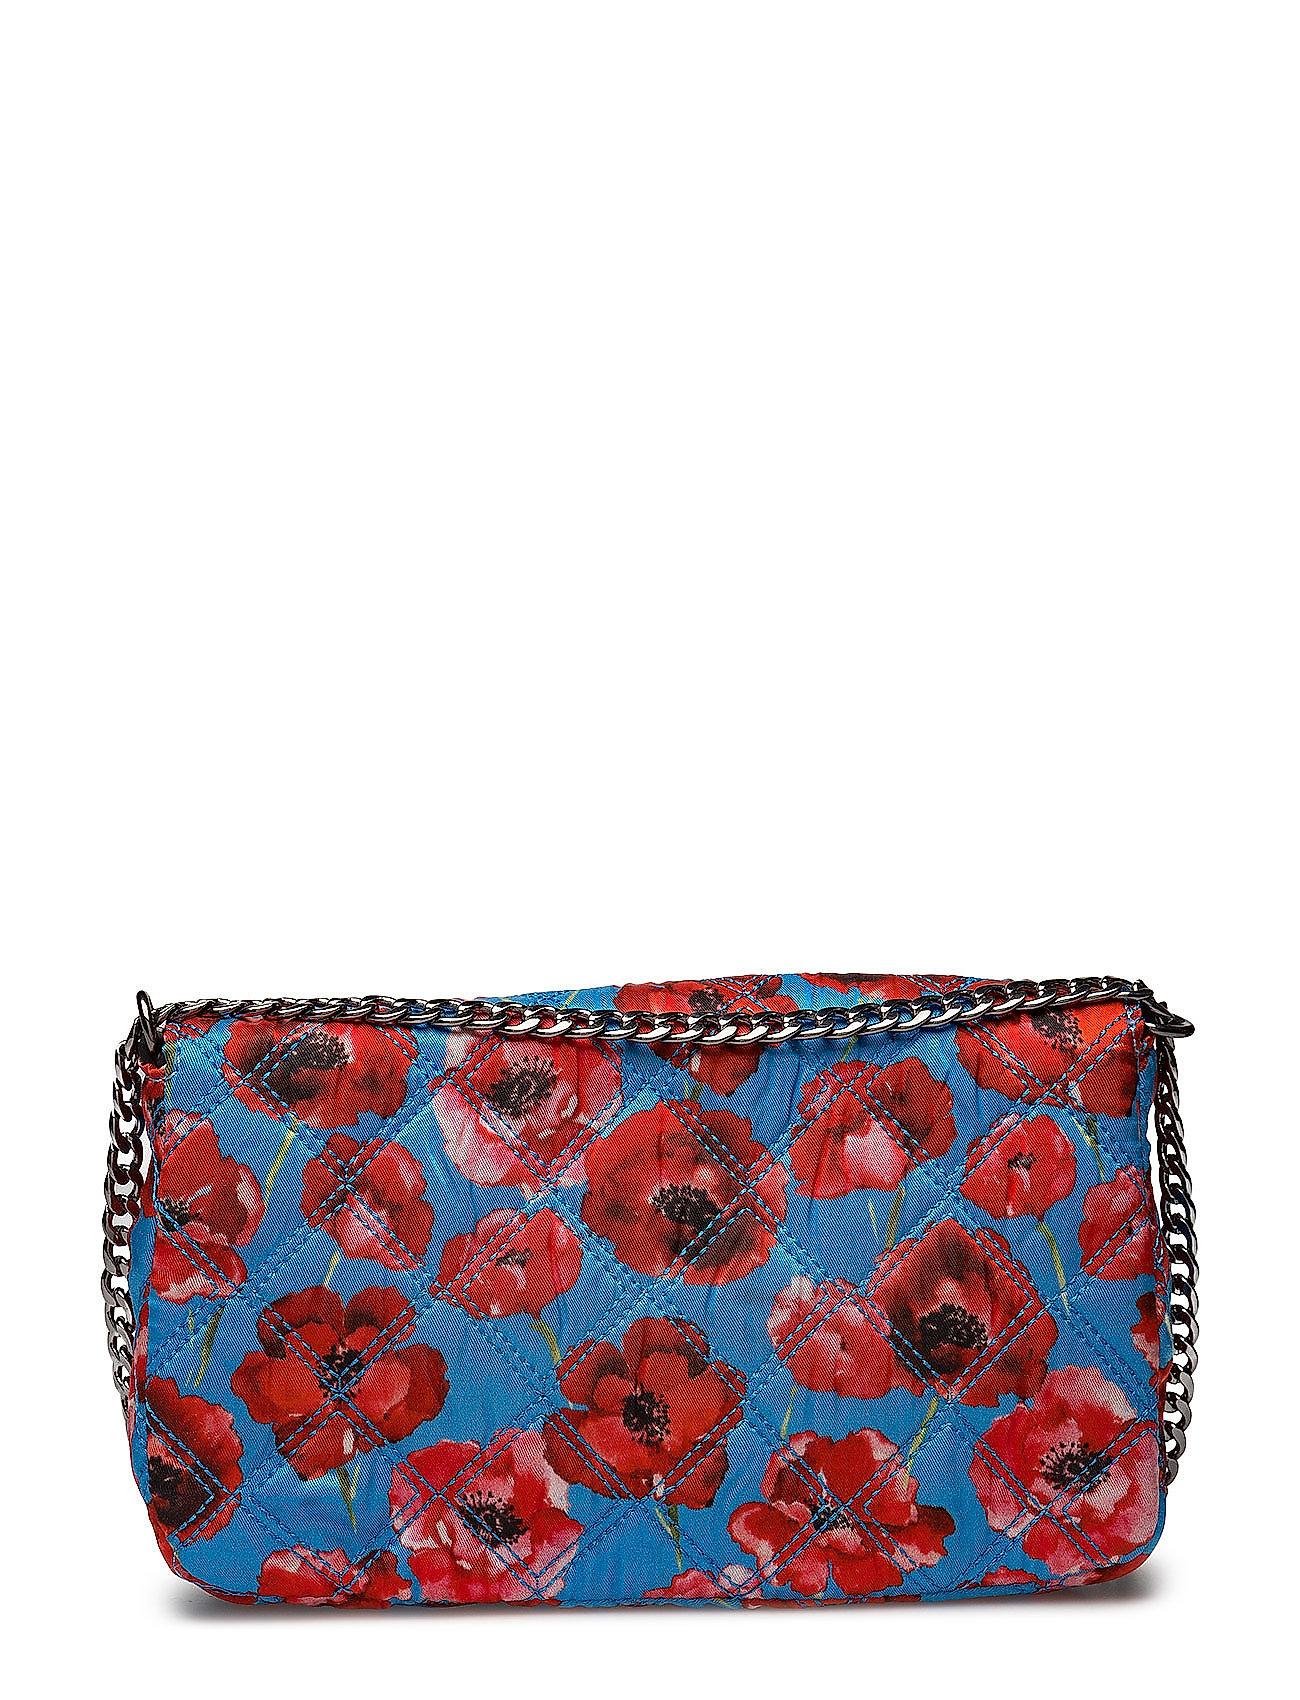 Becksöndergaard Mera Polly (Lichen Blue) 329.40 kr | Stort utbud av designermärken QflzhWCp